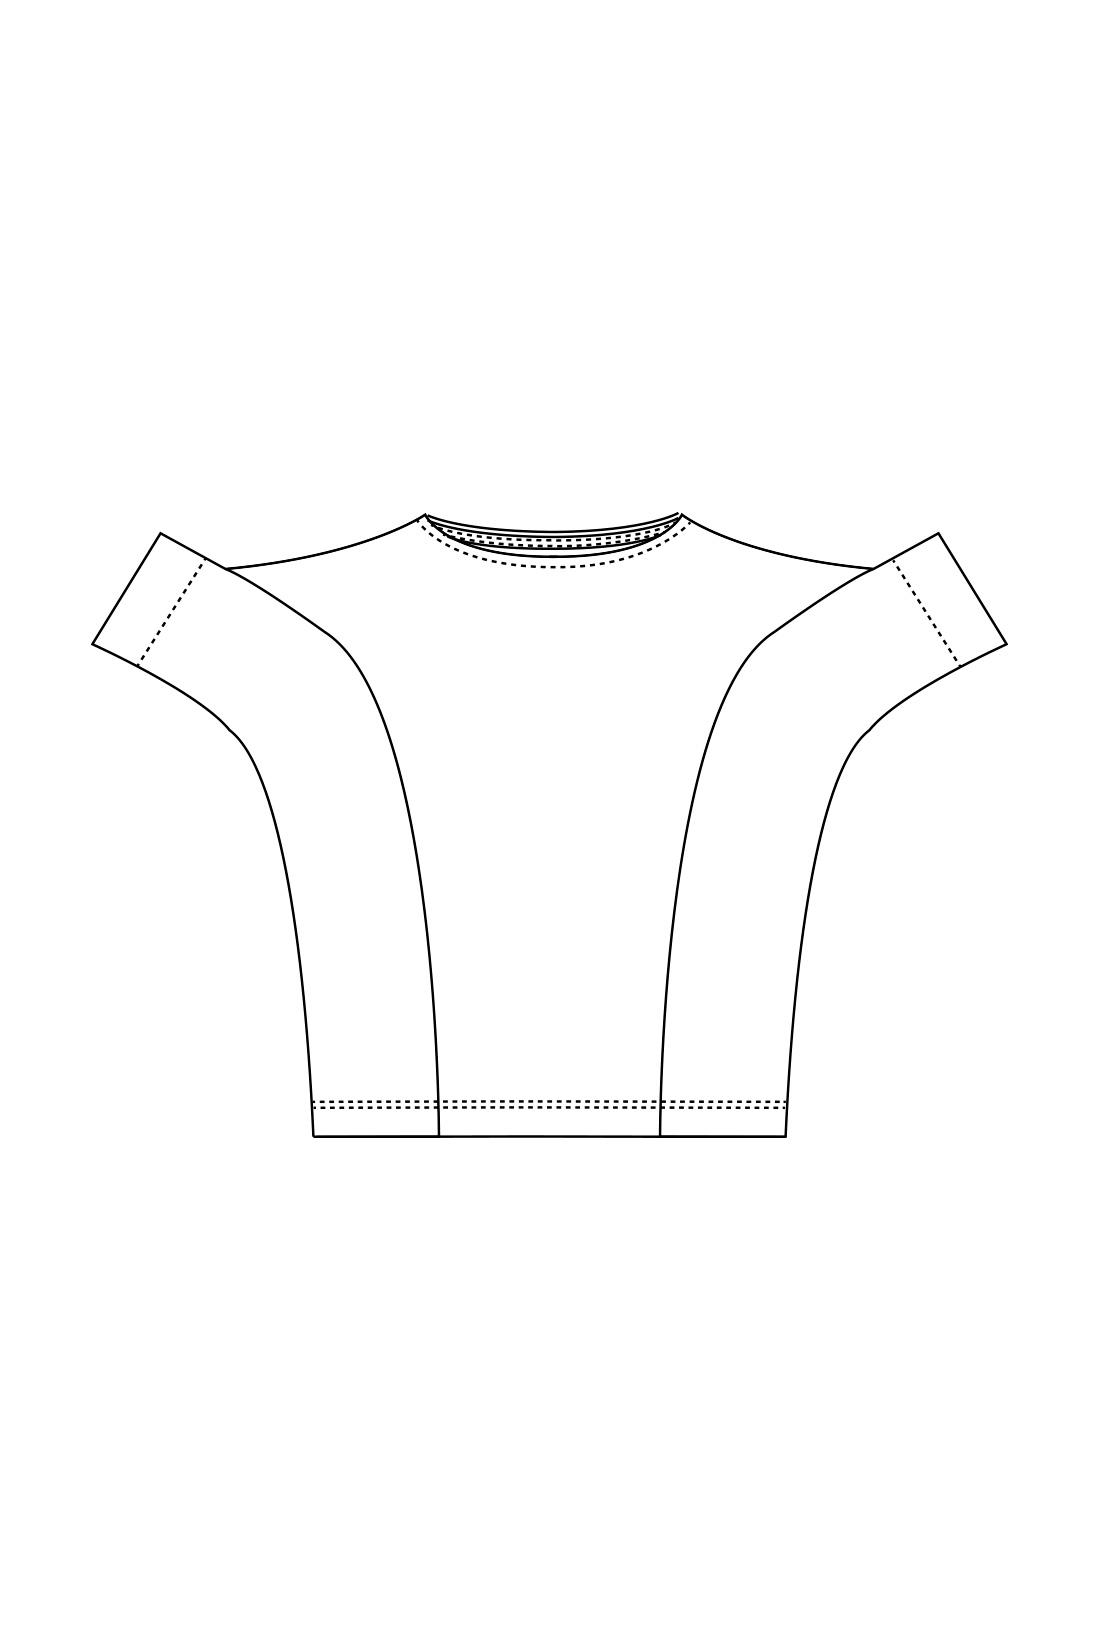 袖口からすそまで切り替えたユニークなパターン、着た時にふわりとした立体的なシルエットを実現。